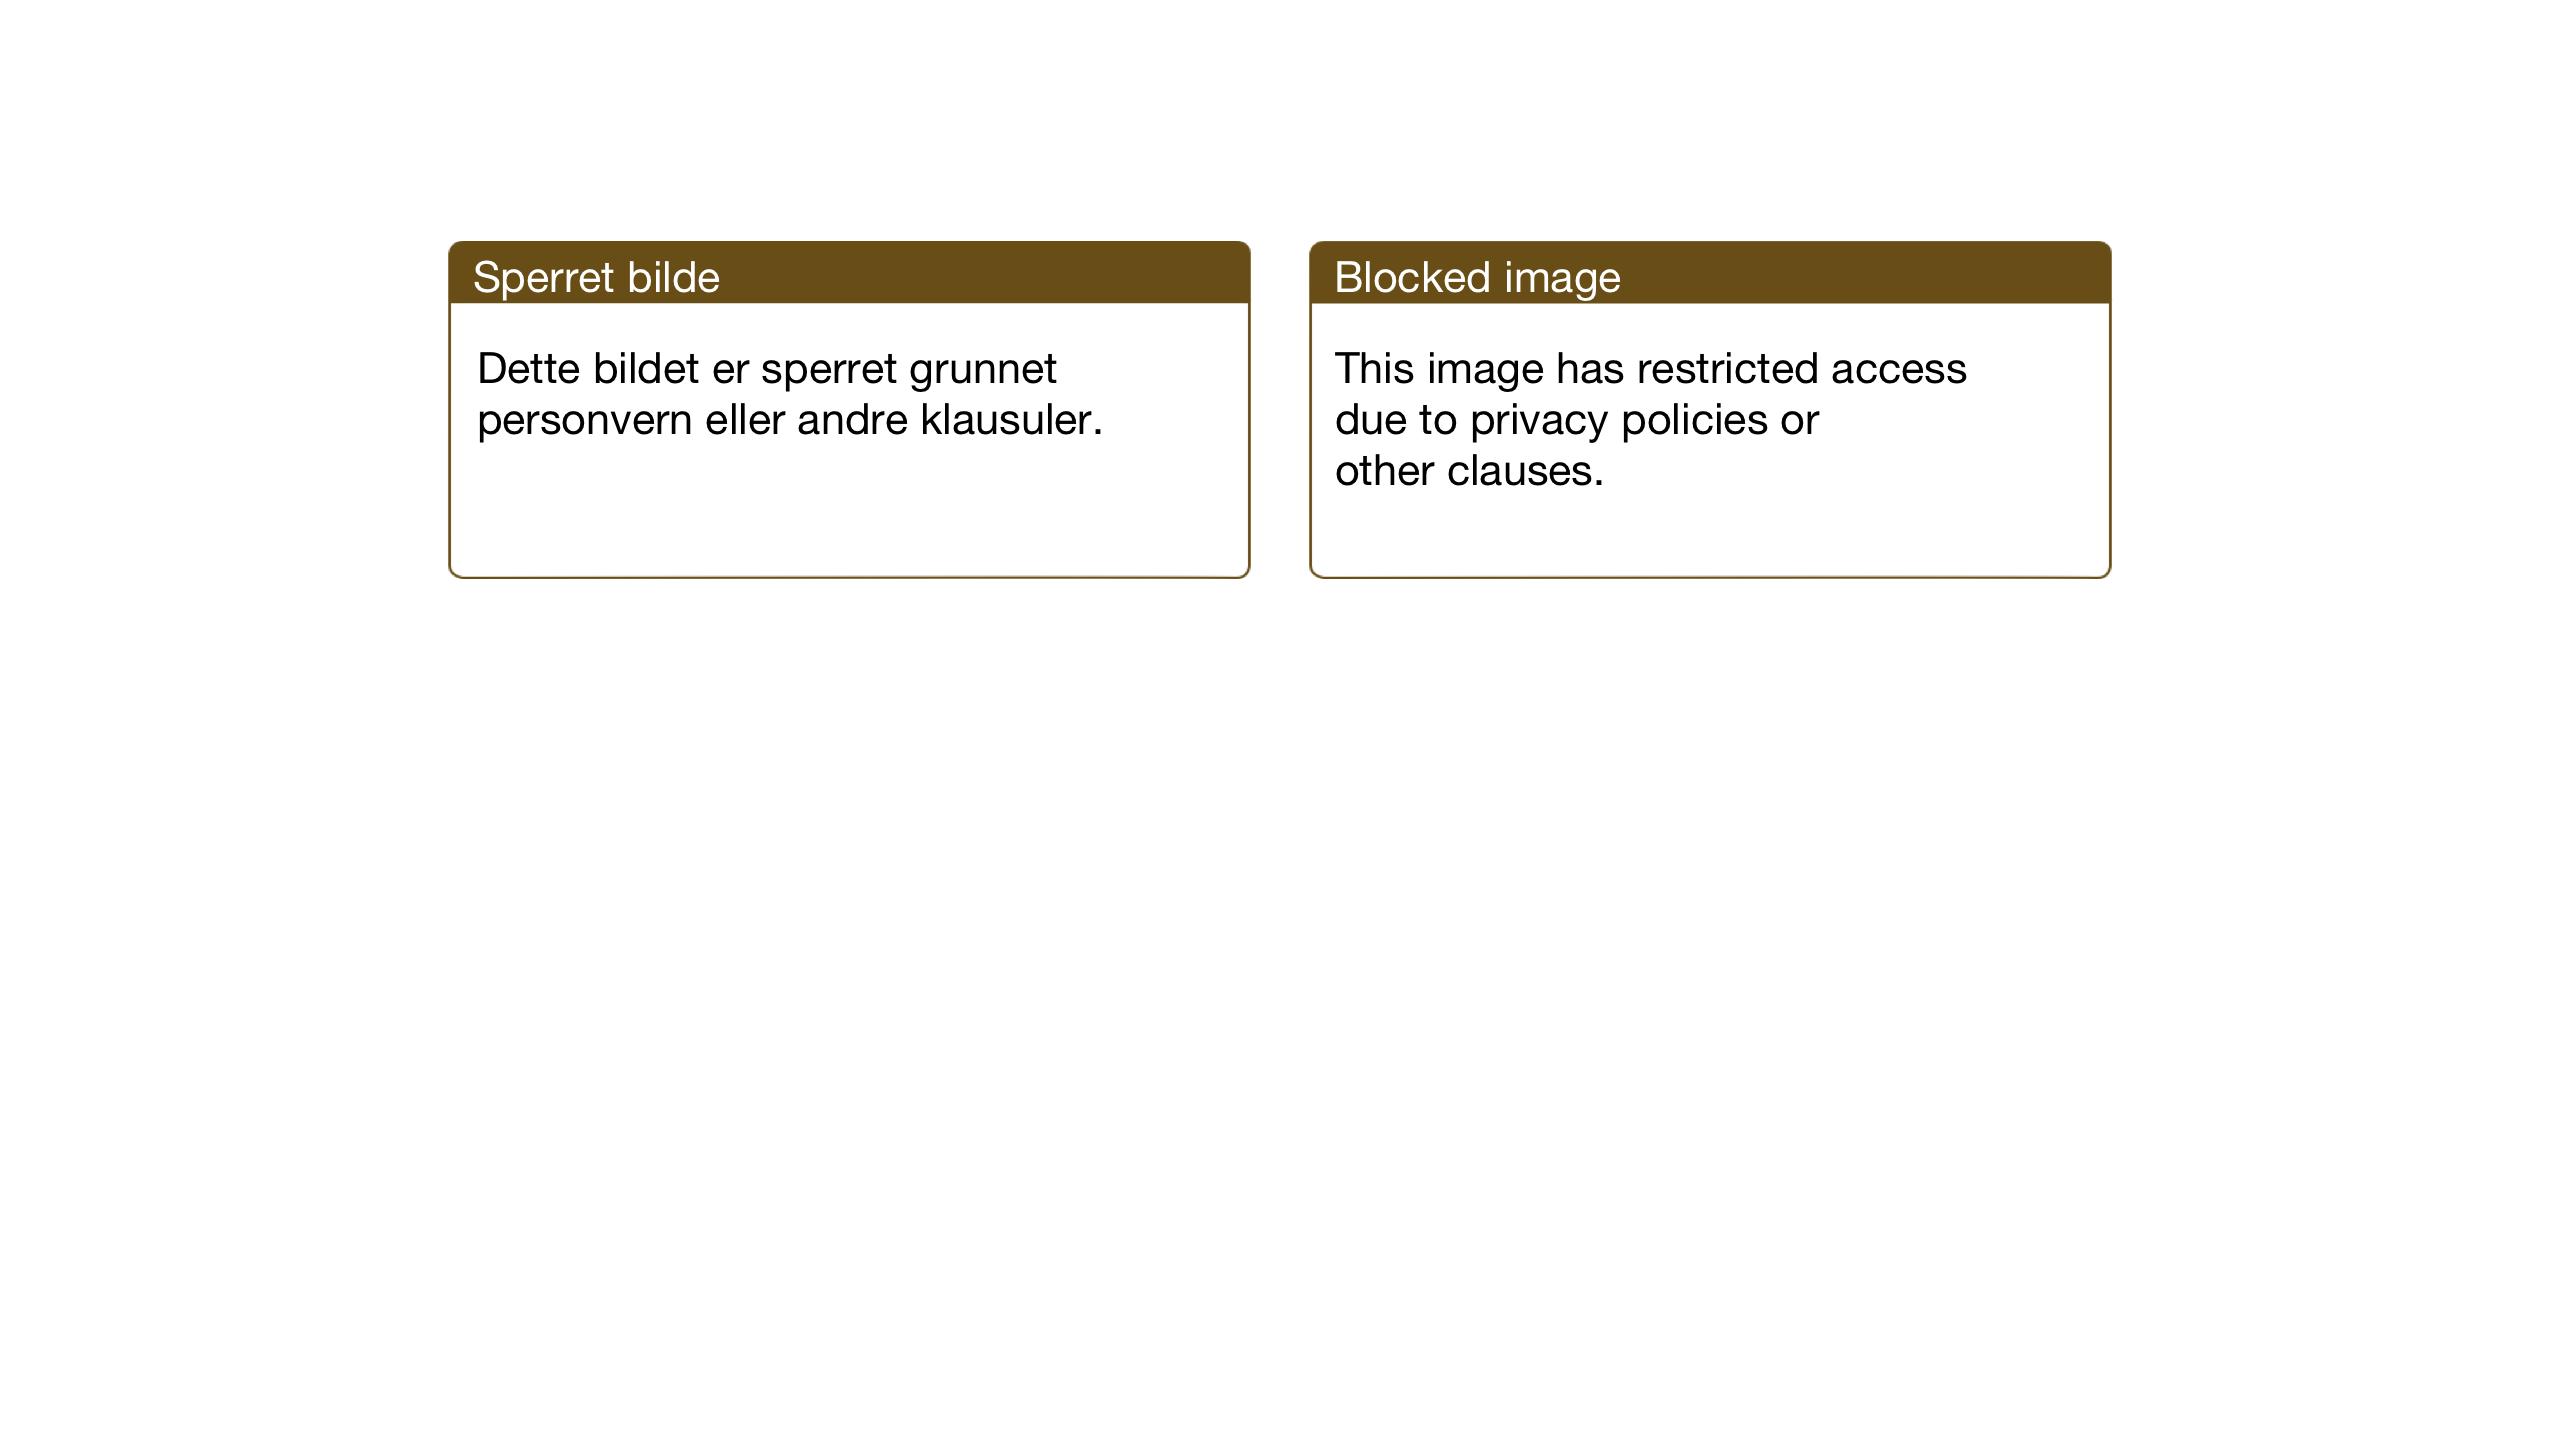 SAT, Ministerialprotokoller, klokkerbøker og fødselsregistre - Nord-Trøndelag, 749/L0481: Klokkerbok nr. 749C03, 1933-1945, s. 99